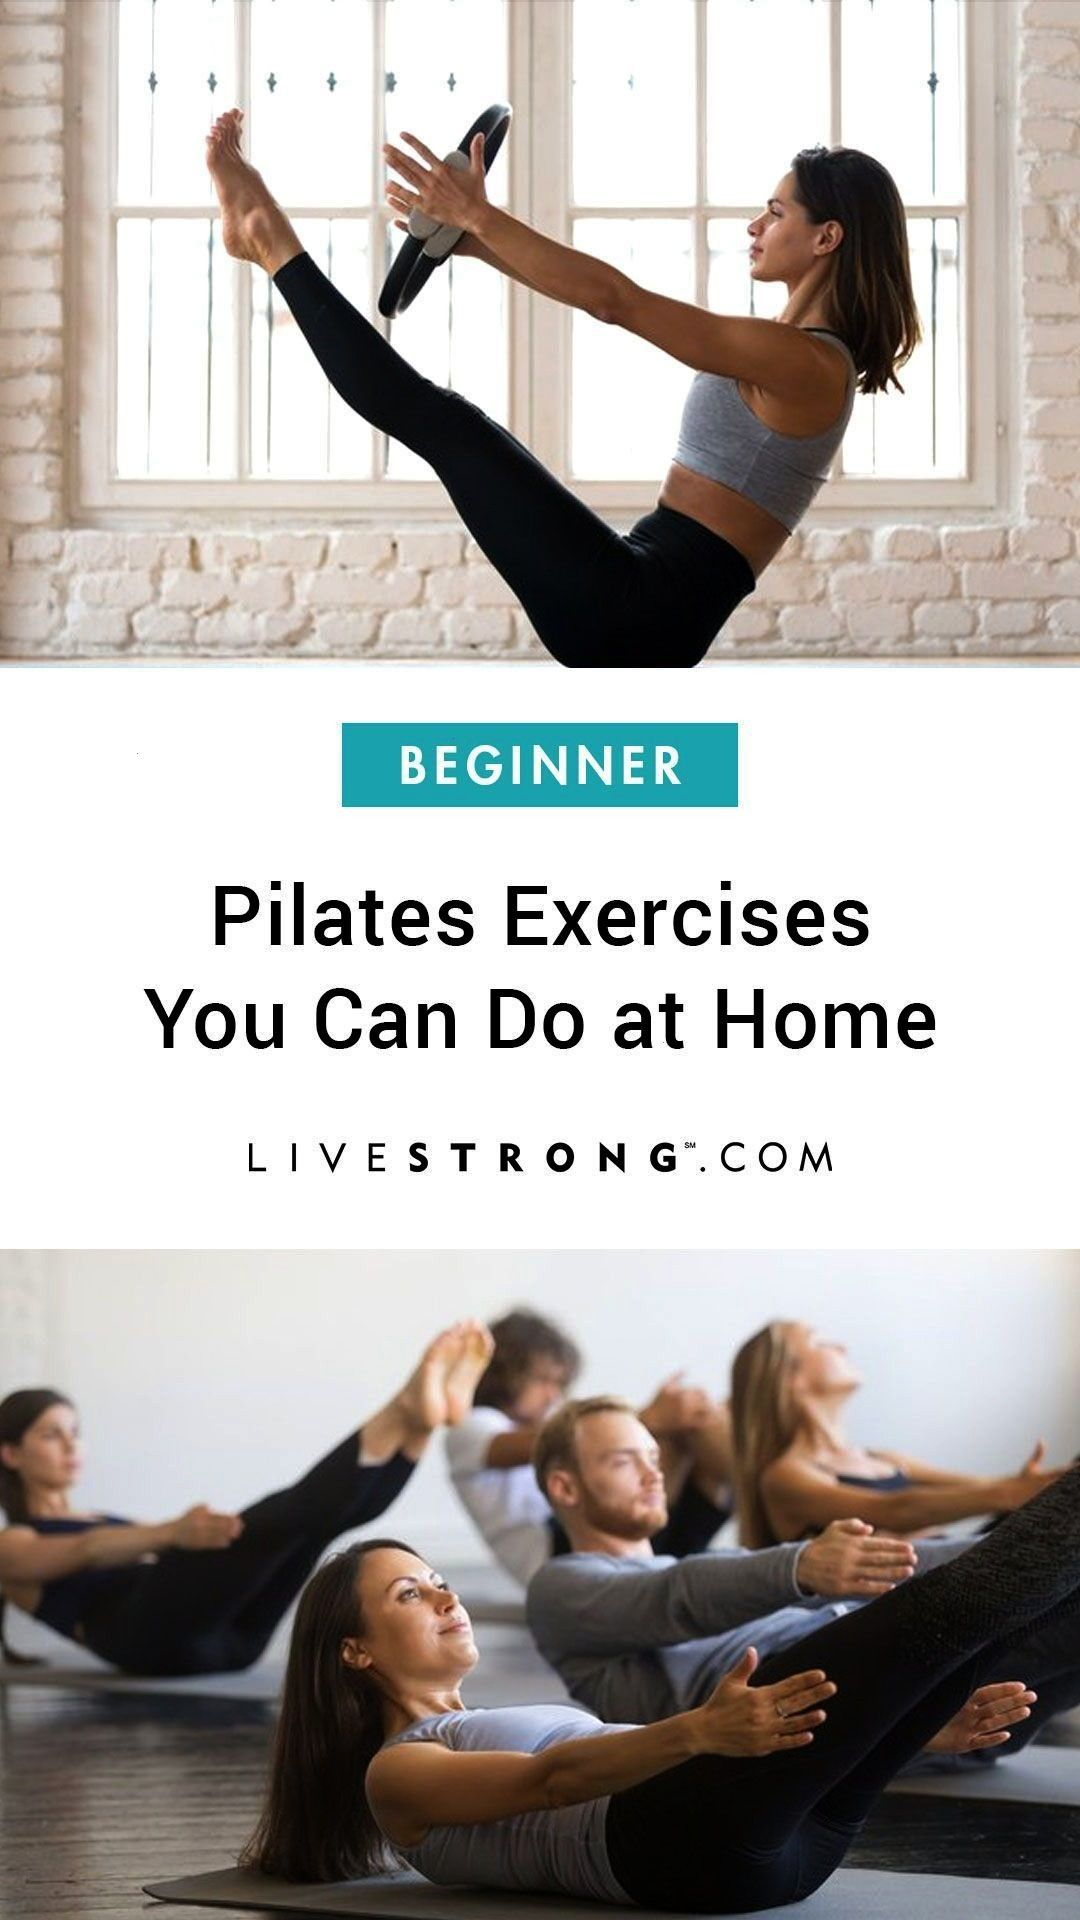 #livestrongcom #corebuilding #livestrong #strengthen #exercises #gymhumor #beginner #pilates #fitnes...